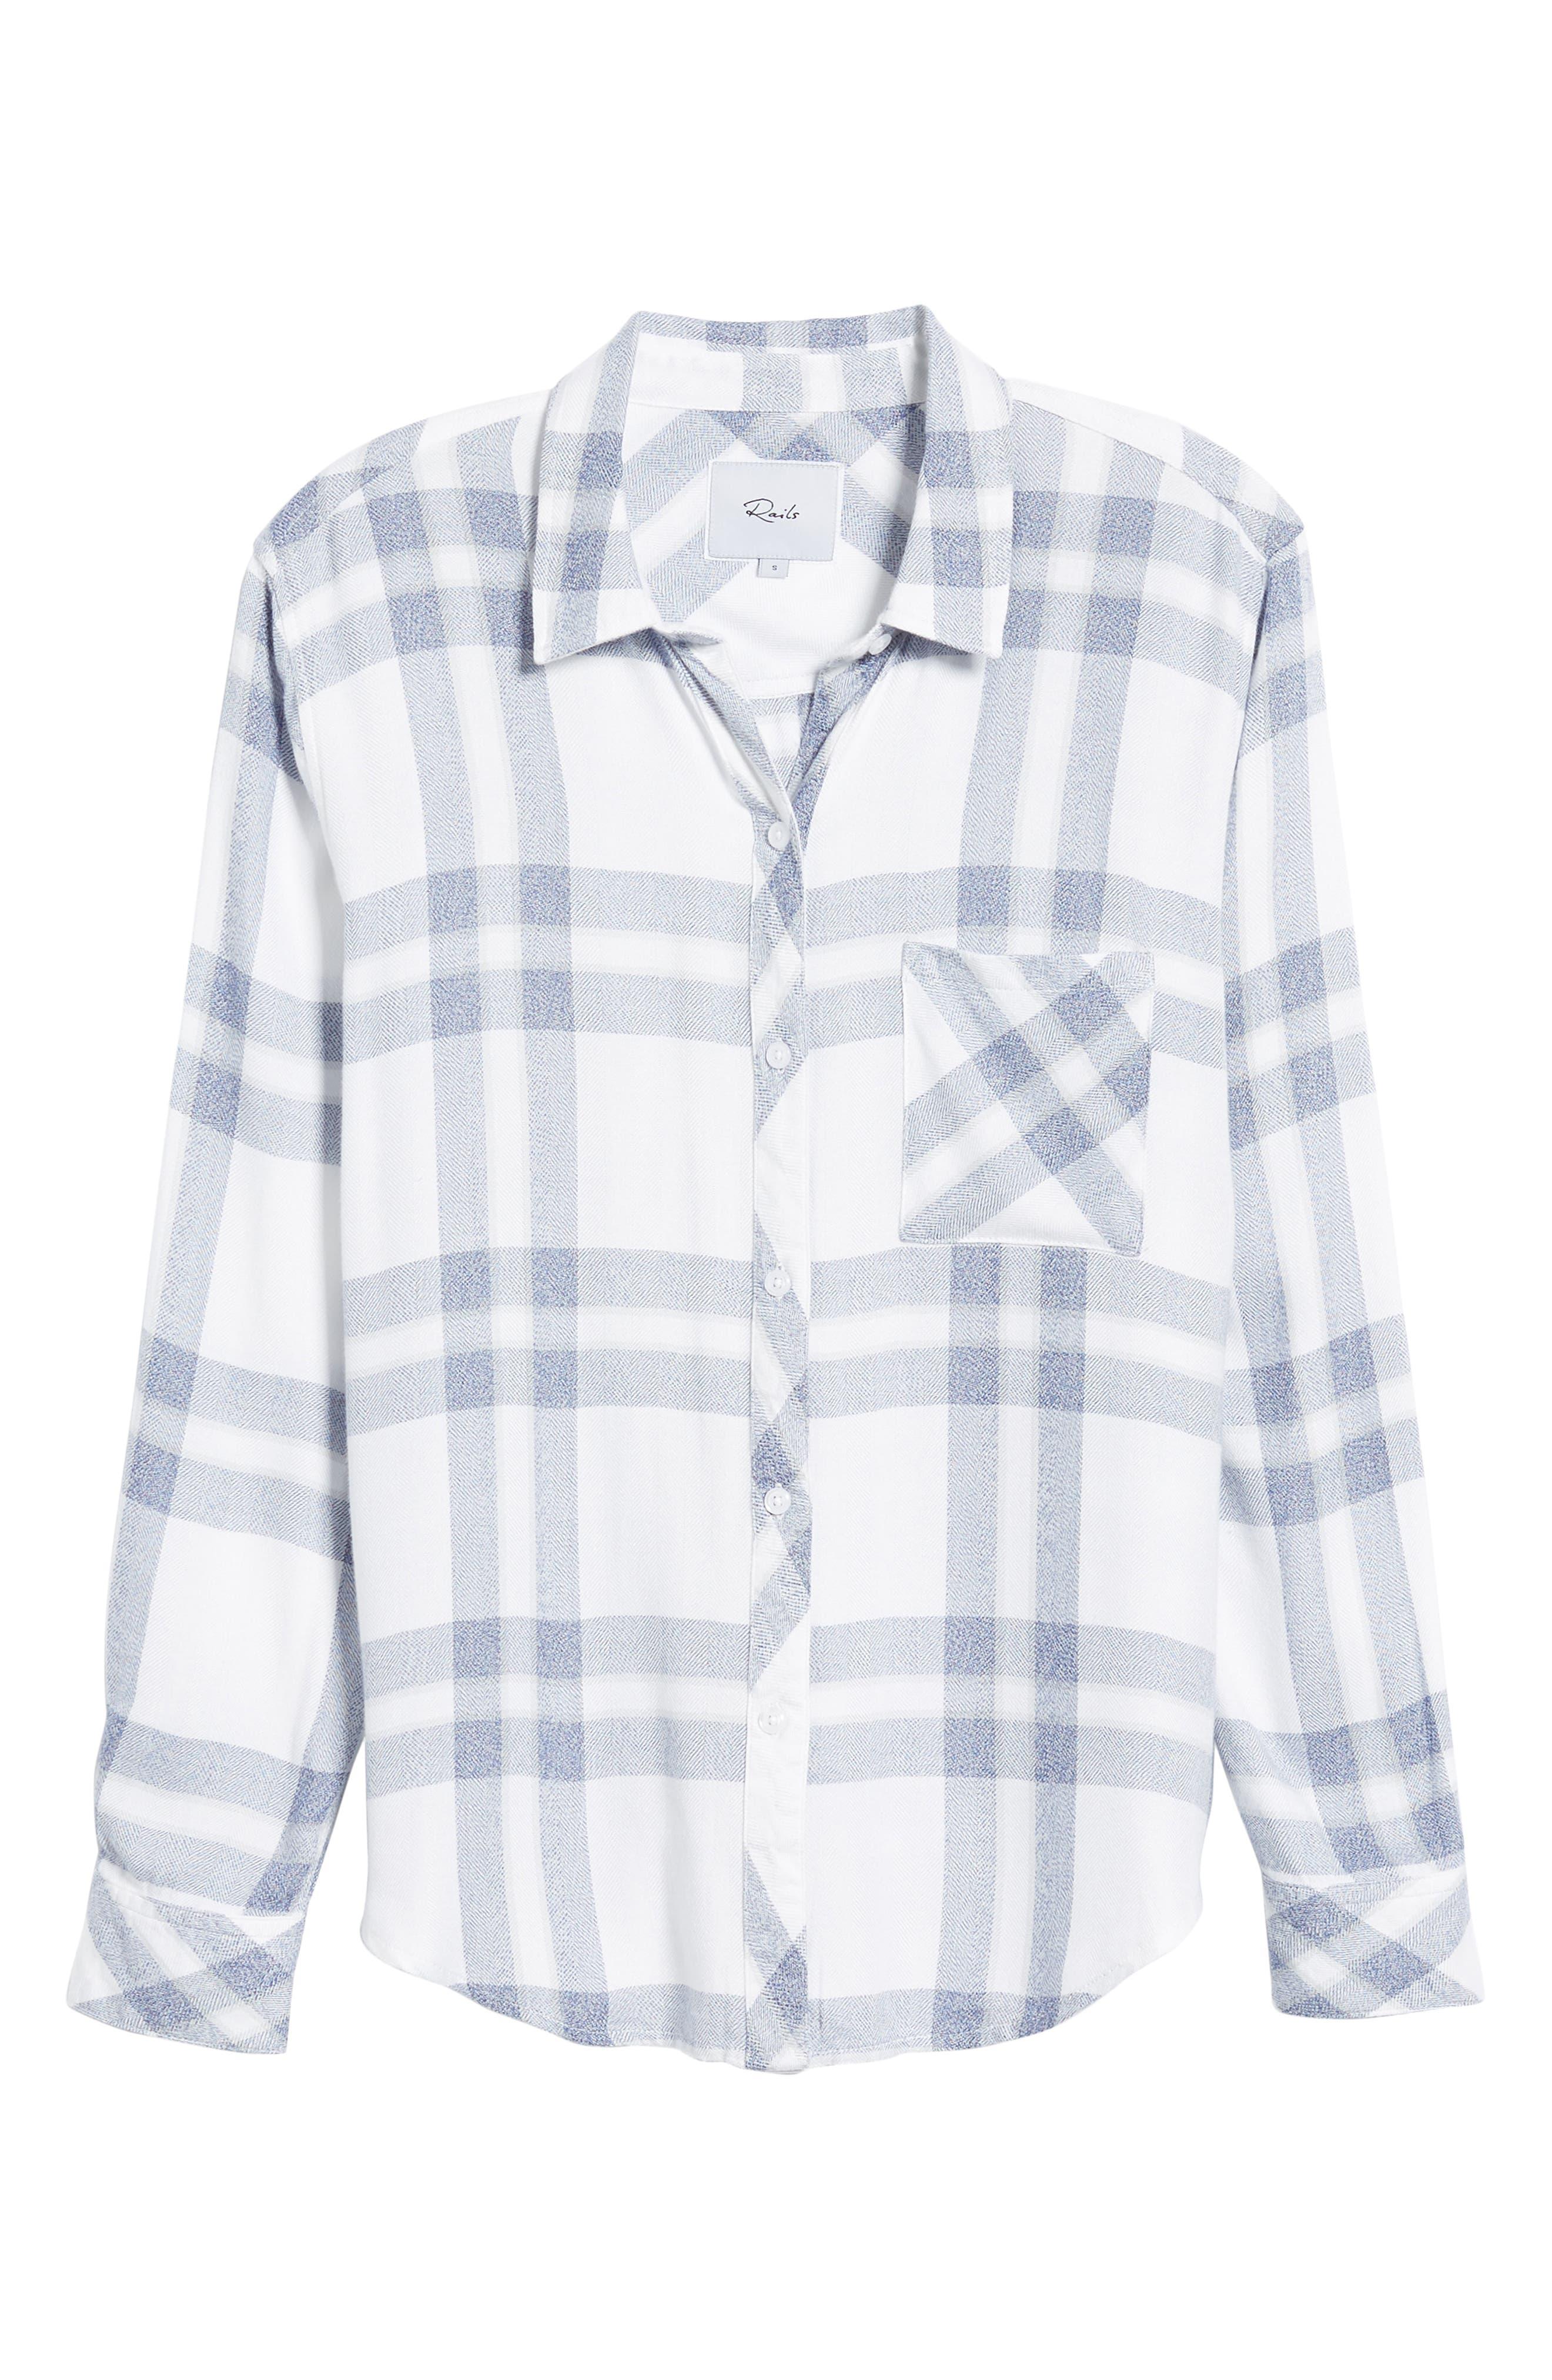 Hunter Plaid Shirt,                             Alternate thumbnail 7, color,                             Riverstone White